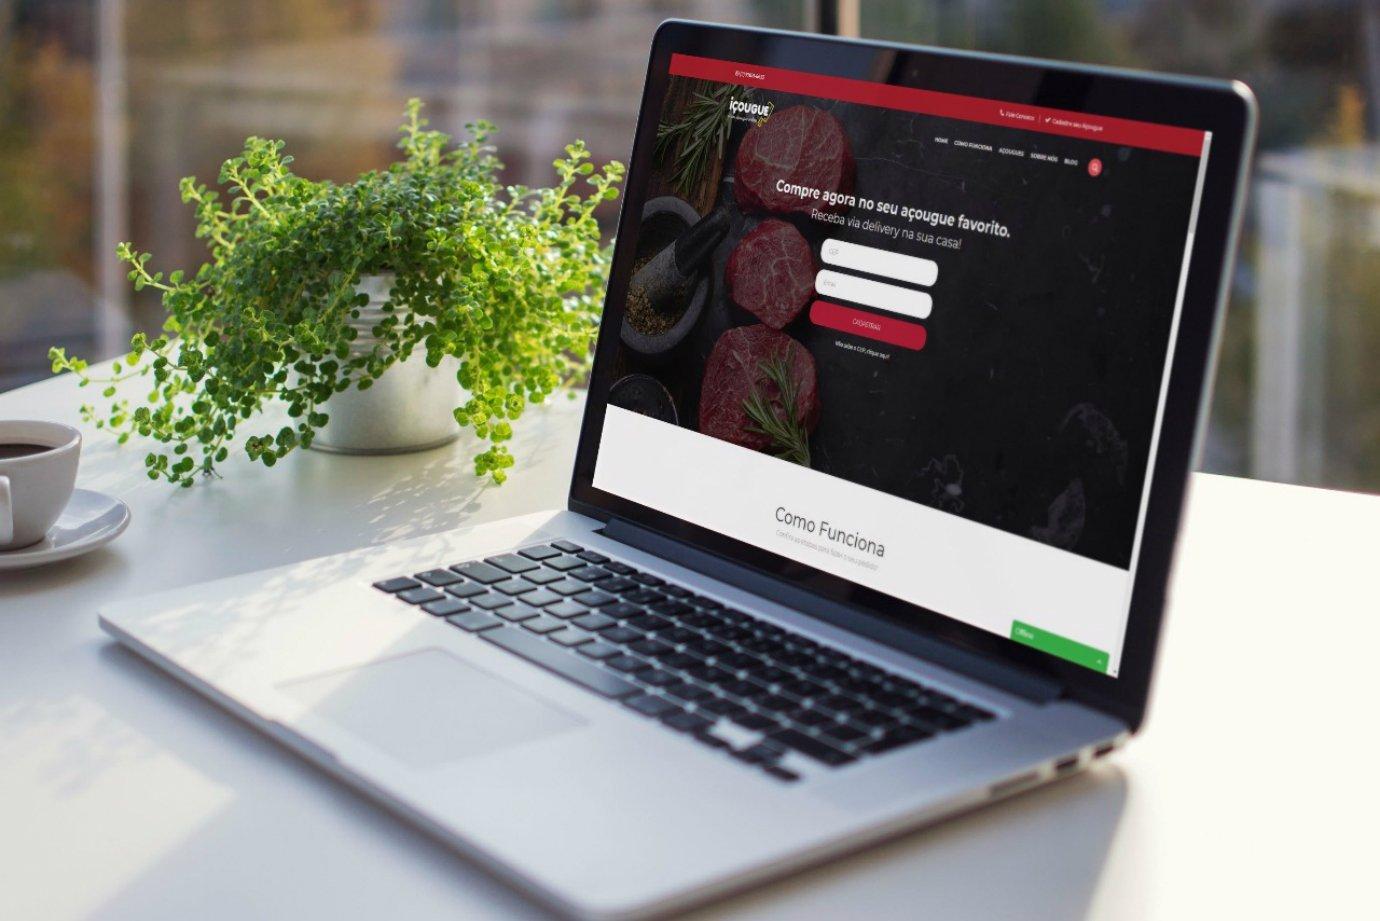 Tela com o site da startup Içougue